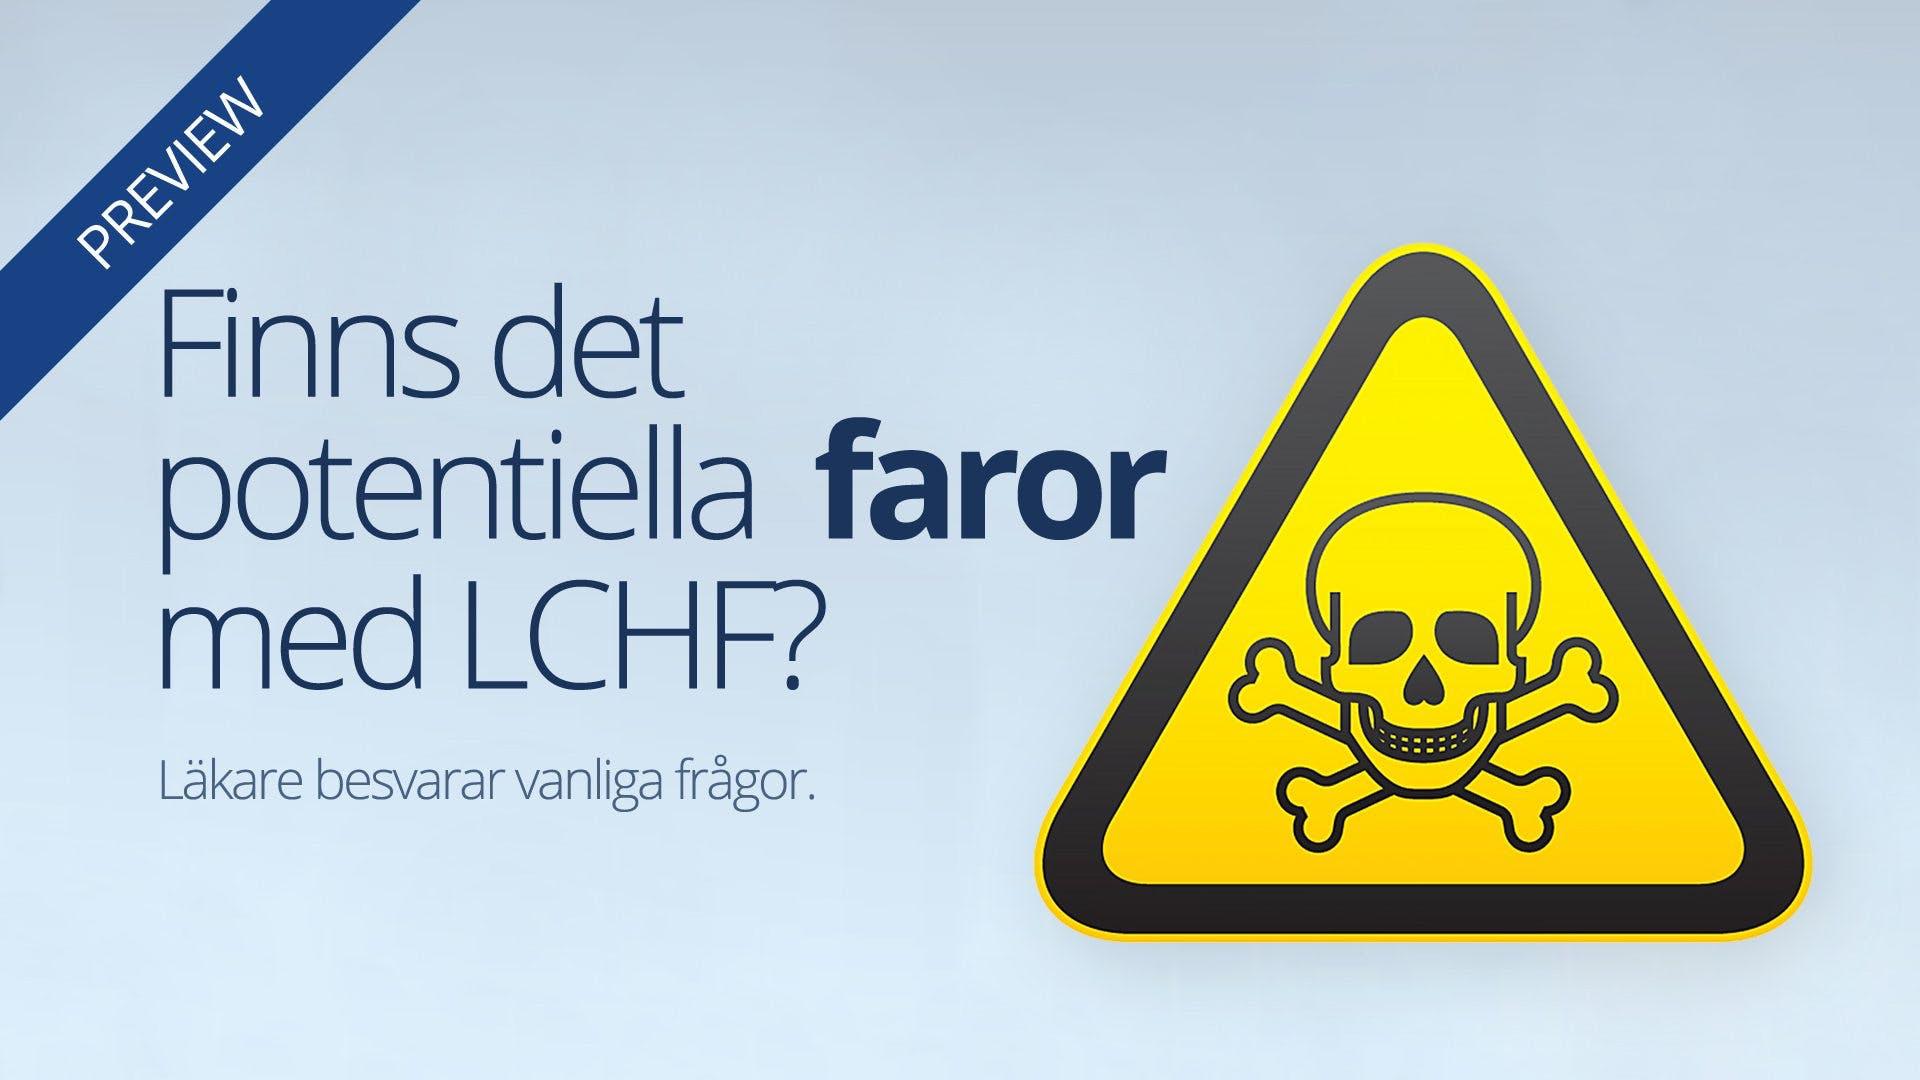 Är LCHF farligt?